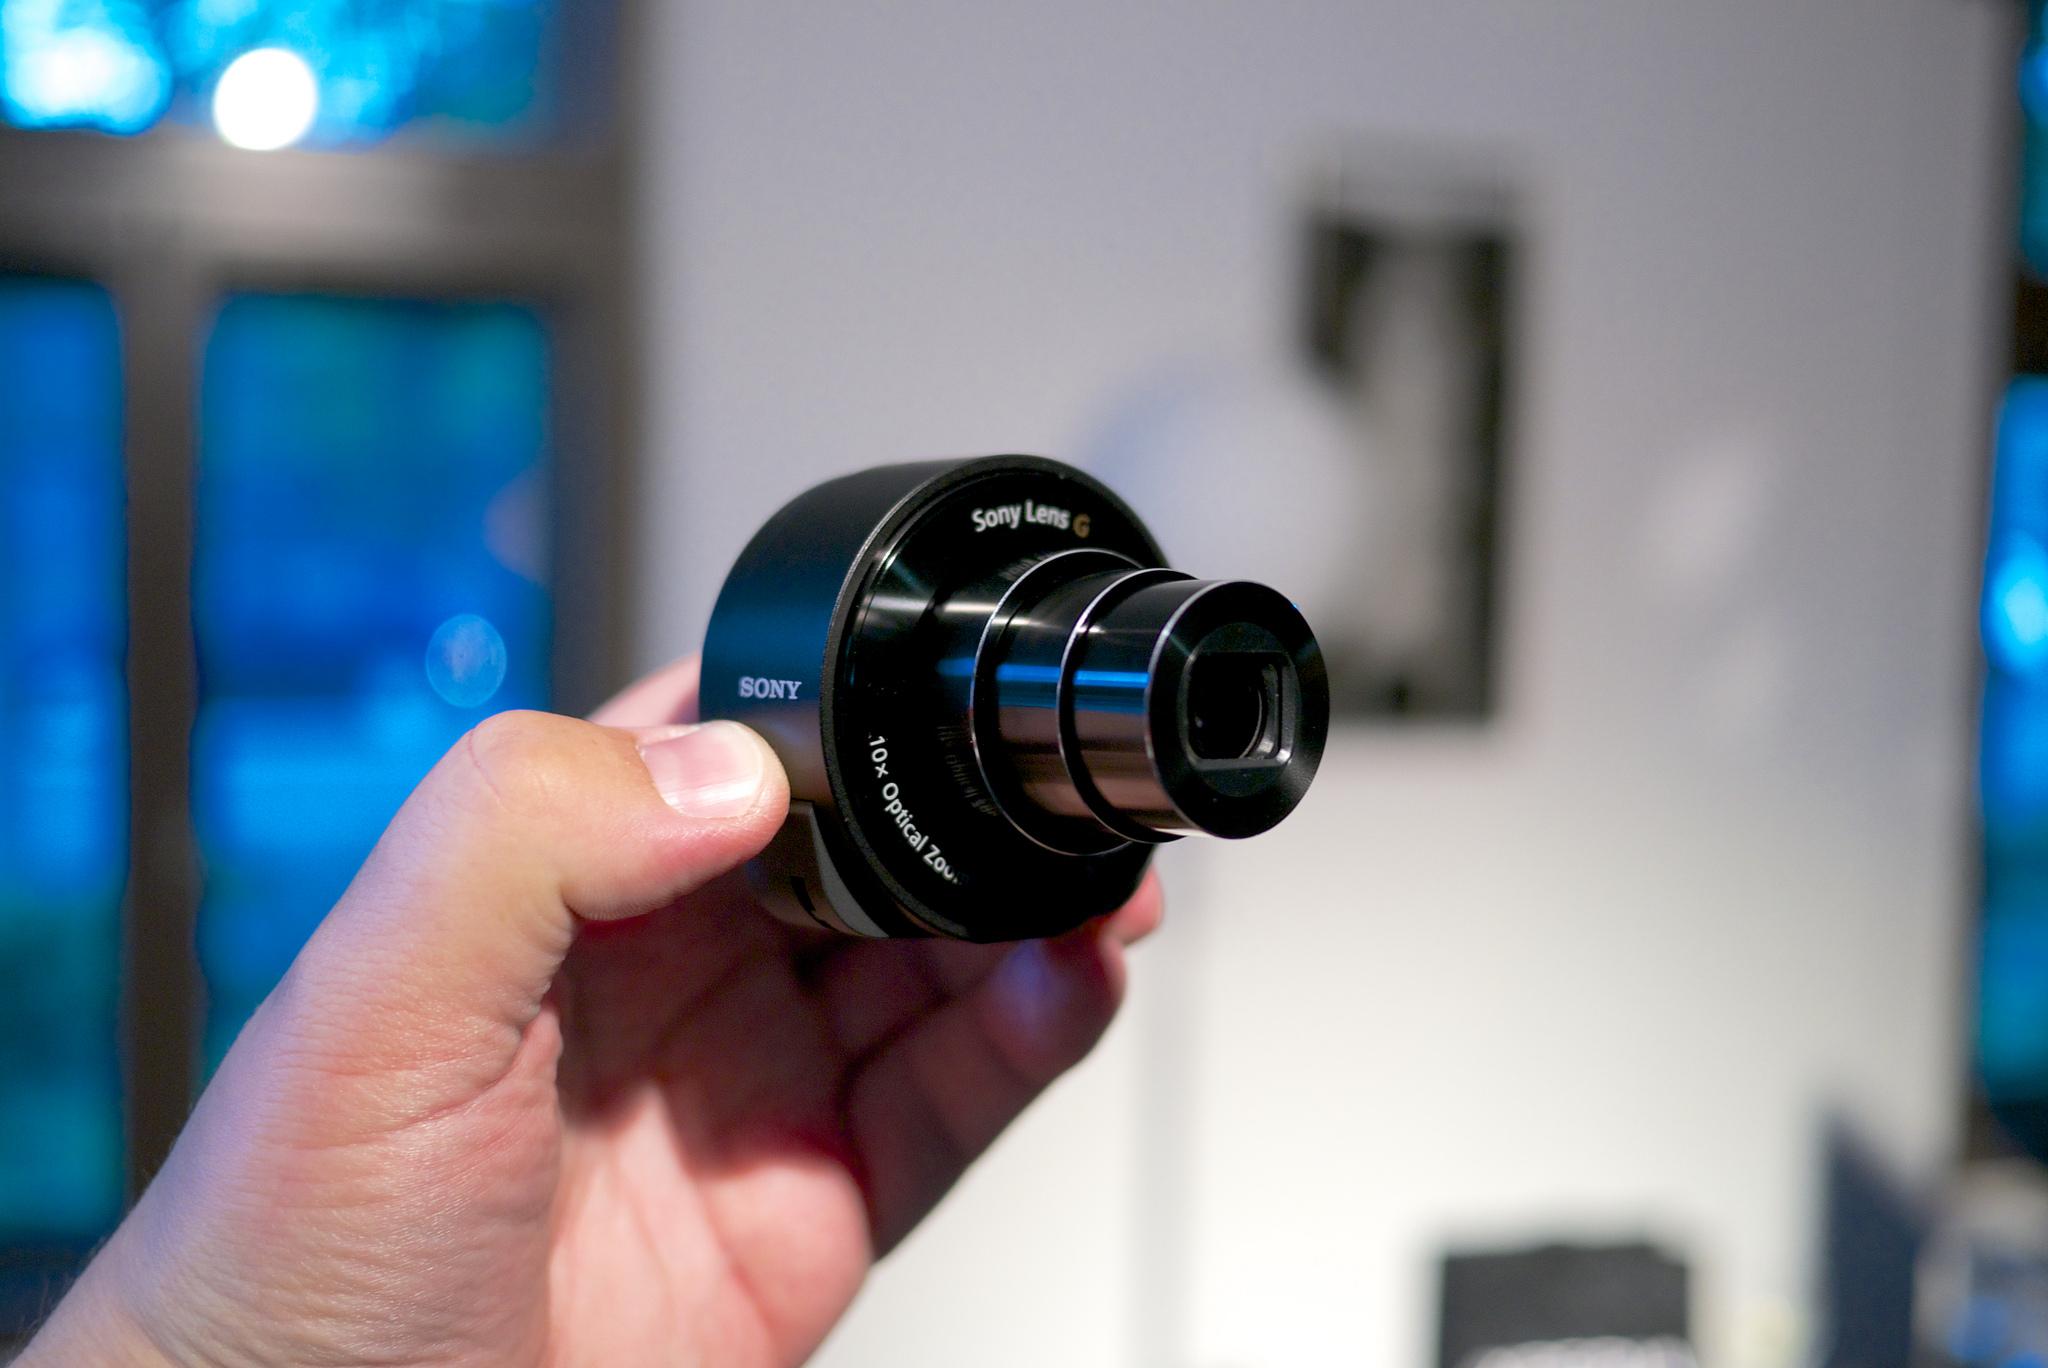 Zu sehen ist eine WiFi-Kamera für Smartphones.